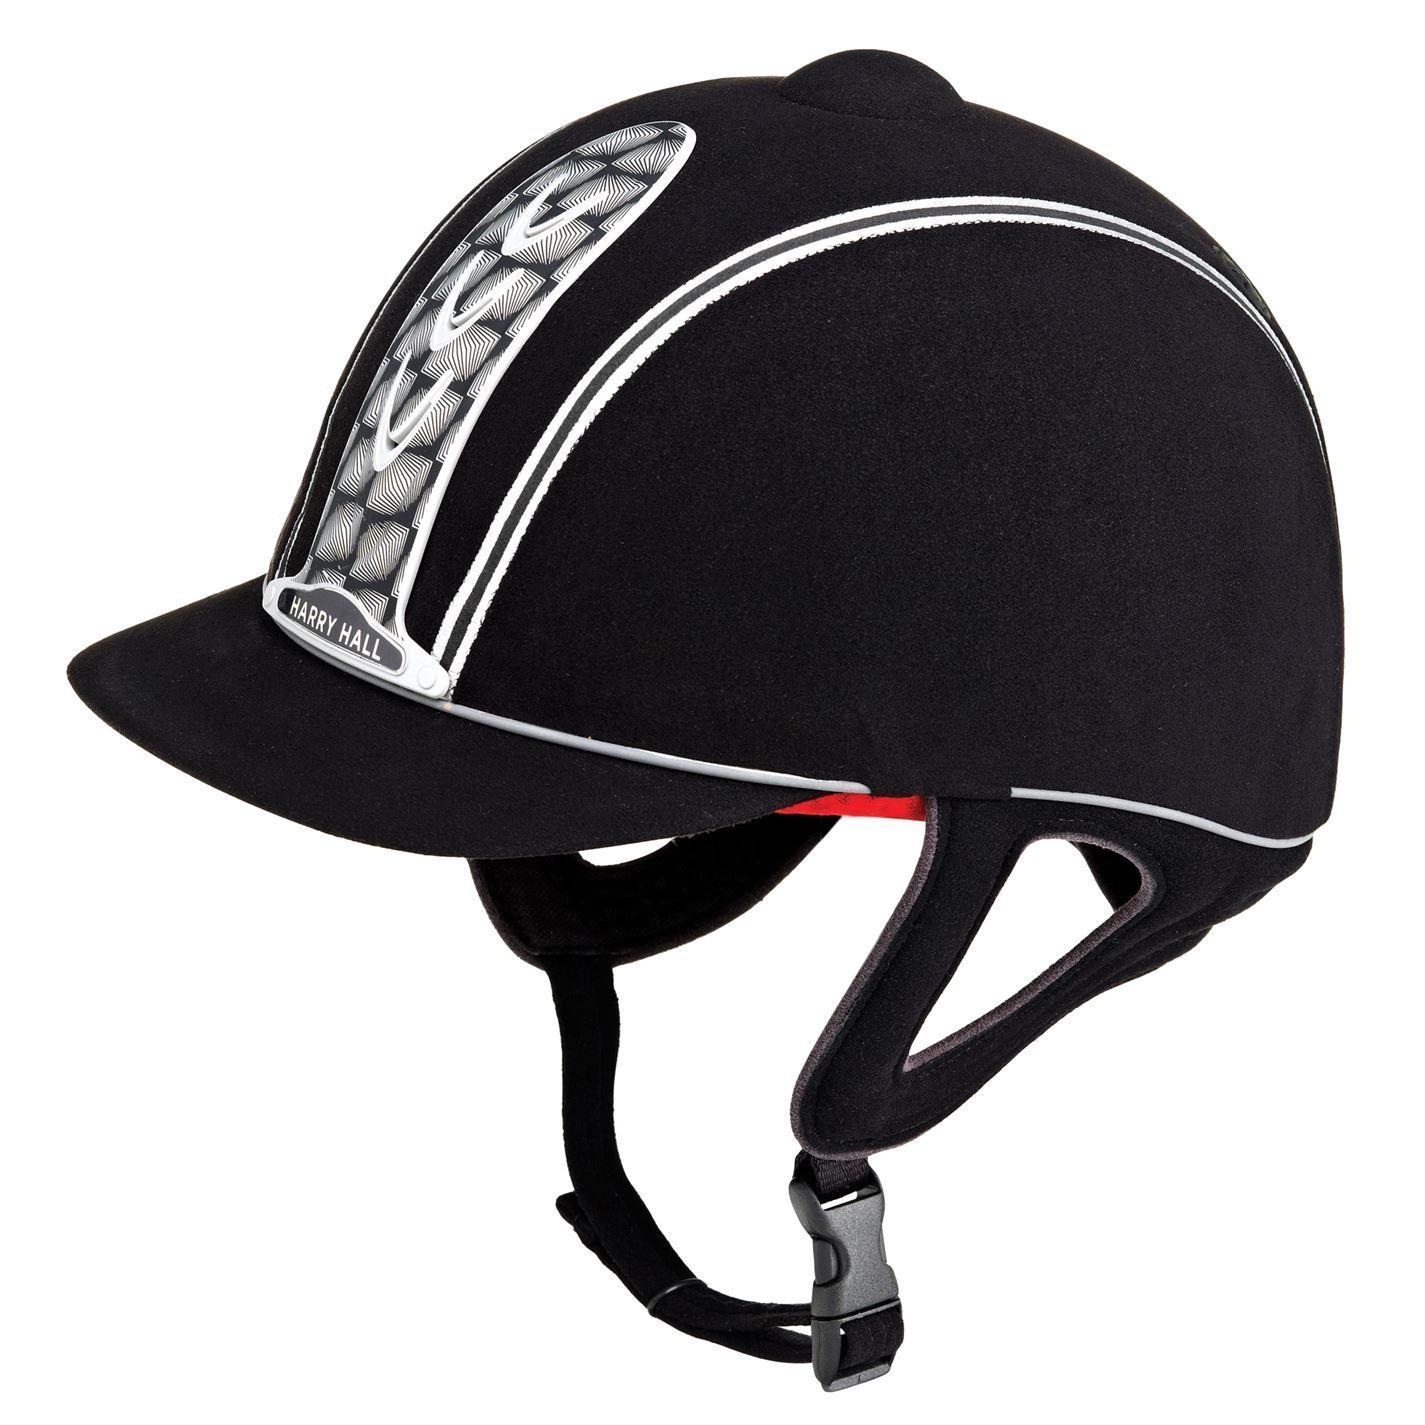 Harry Hall Unisex PAS Legend Plus PAS Unisex Riding Hat Print Printed Ventilation 04b0c6